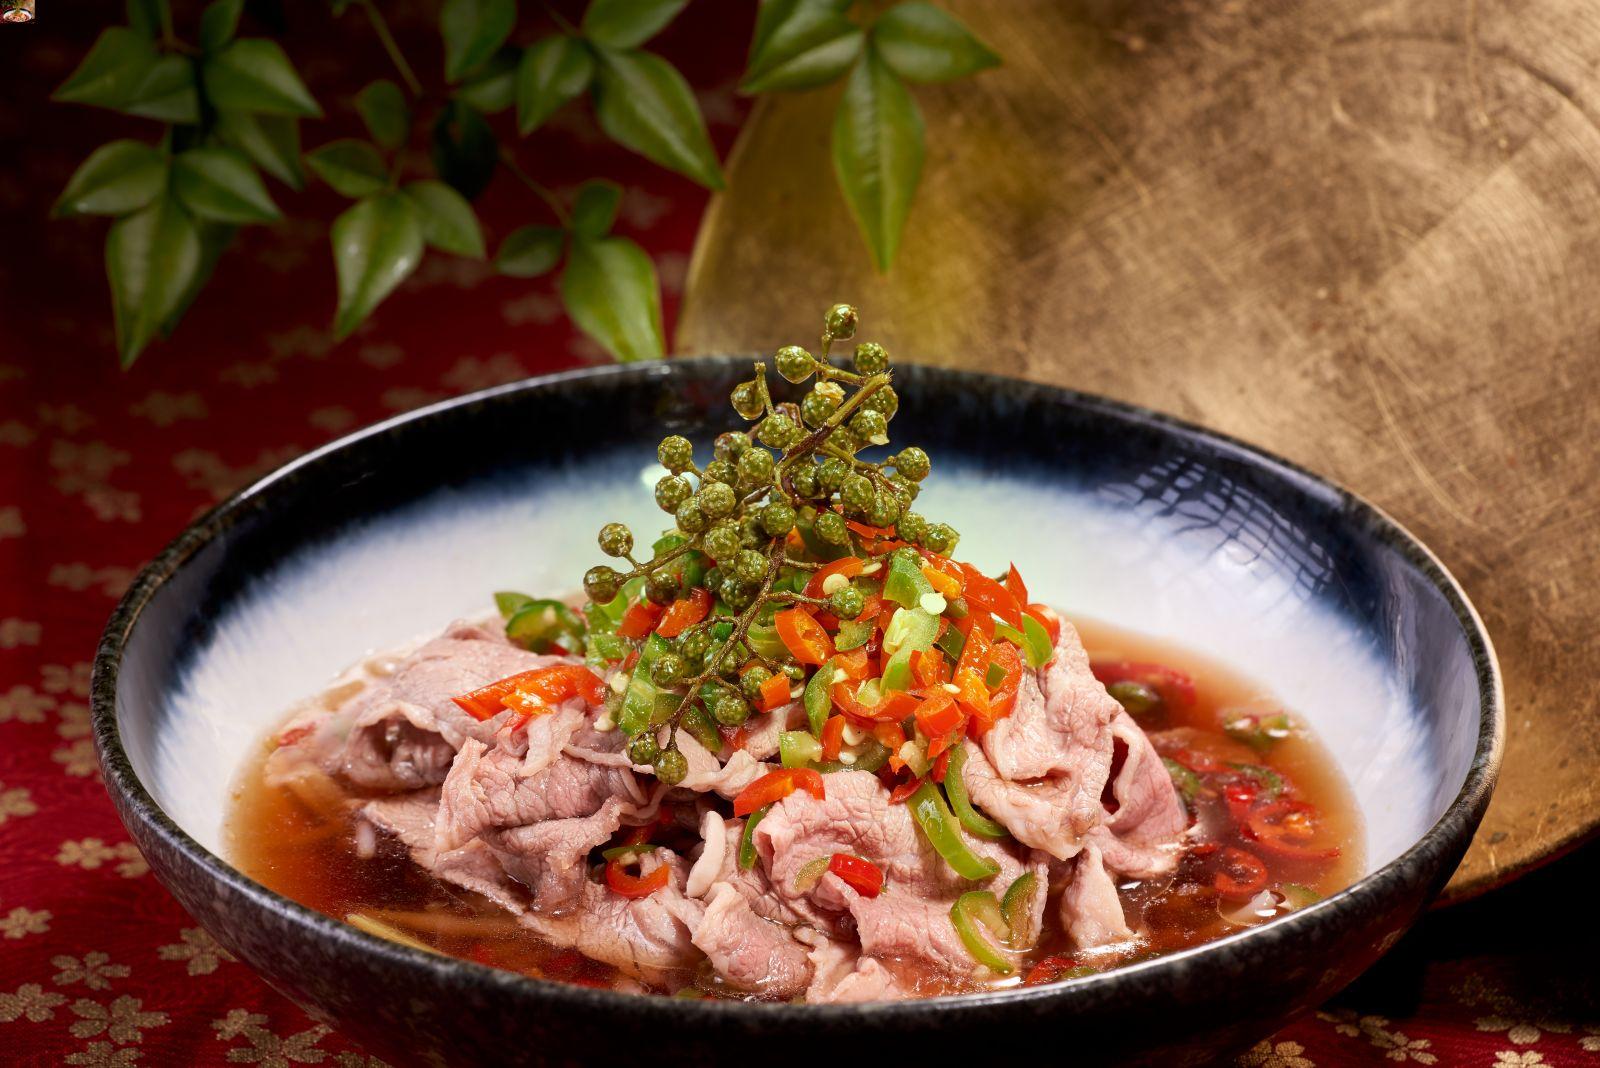 高雄國賓大飯店川菜廳鮮花椒薄牛肉